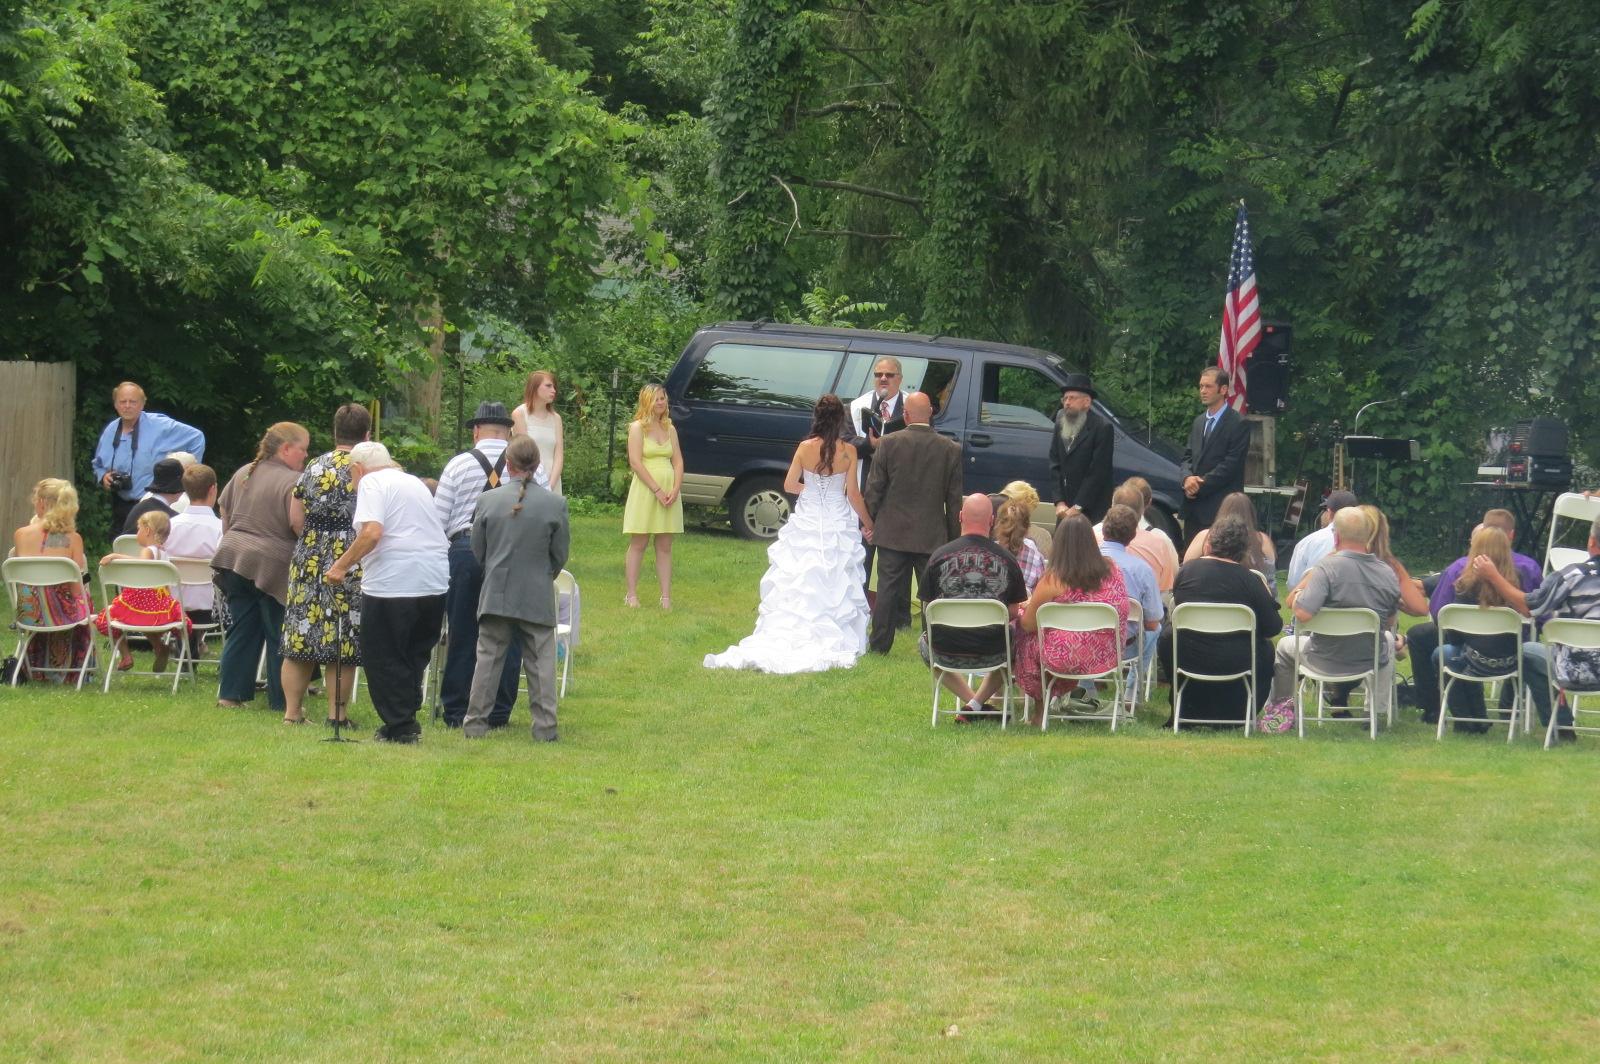 michigan outdoor weddings wishing well weddings page 2